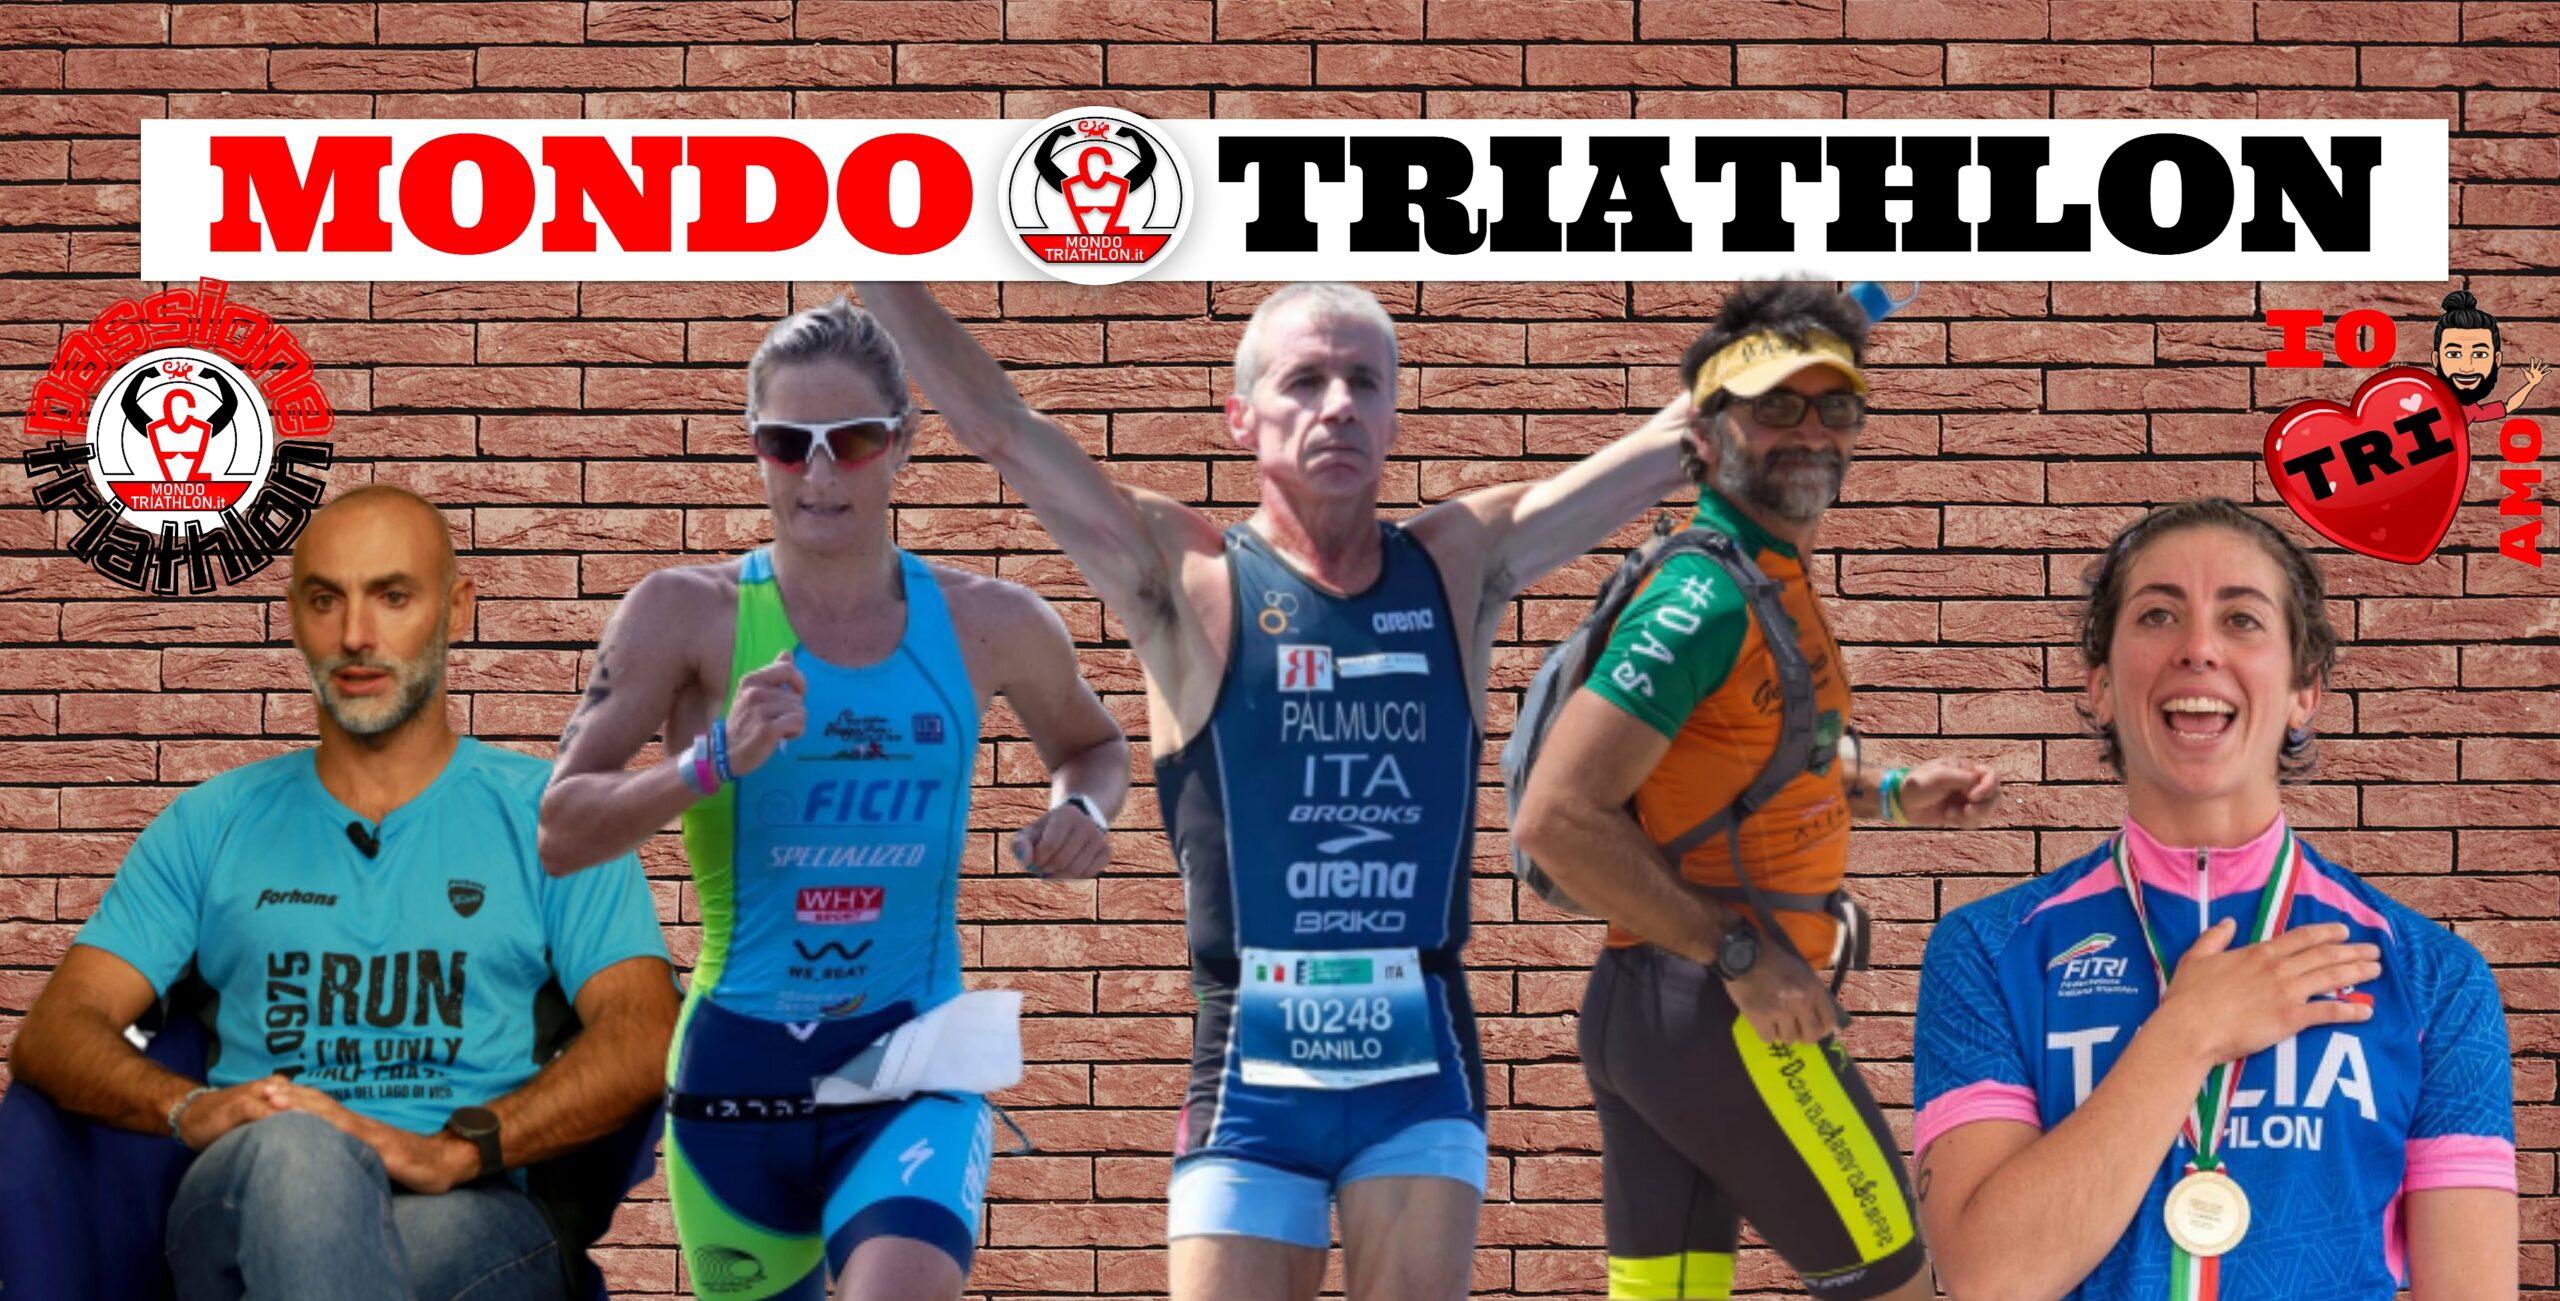 Passione Triathlon 4-8 maggio 2020: Danilo Palmucci, Alessia Orla, Gianluca Calfapietra, Martina Dogana, Andrea Pelo Di Giorgio